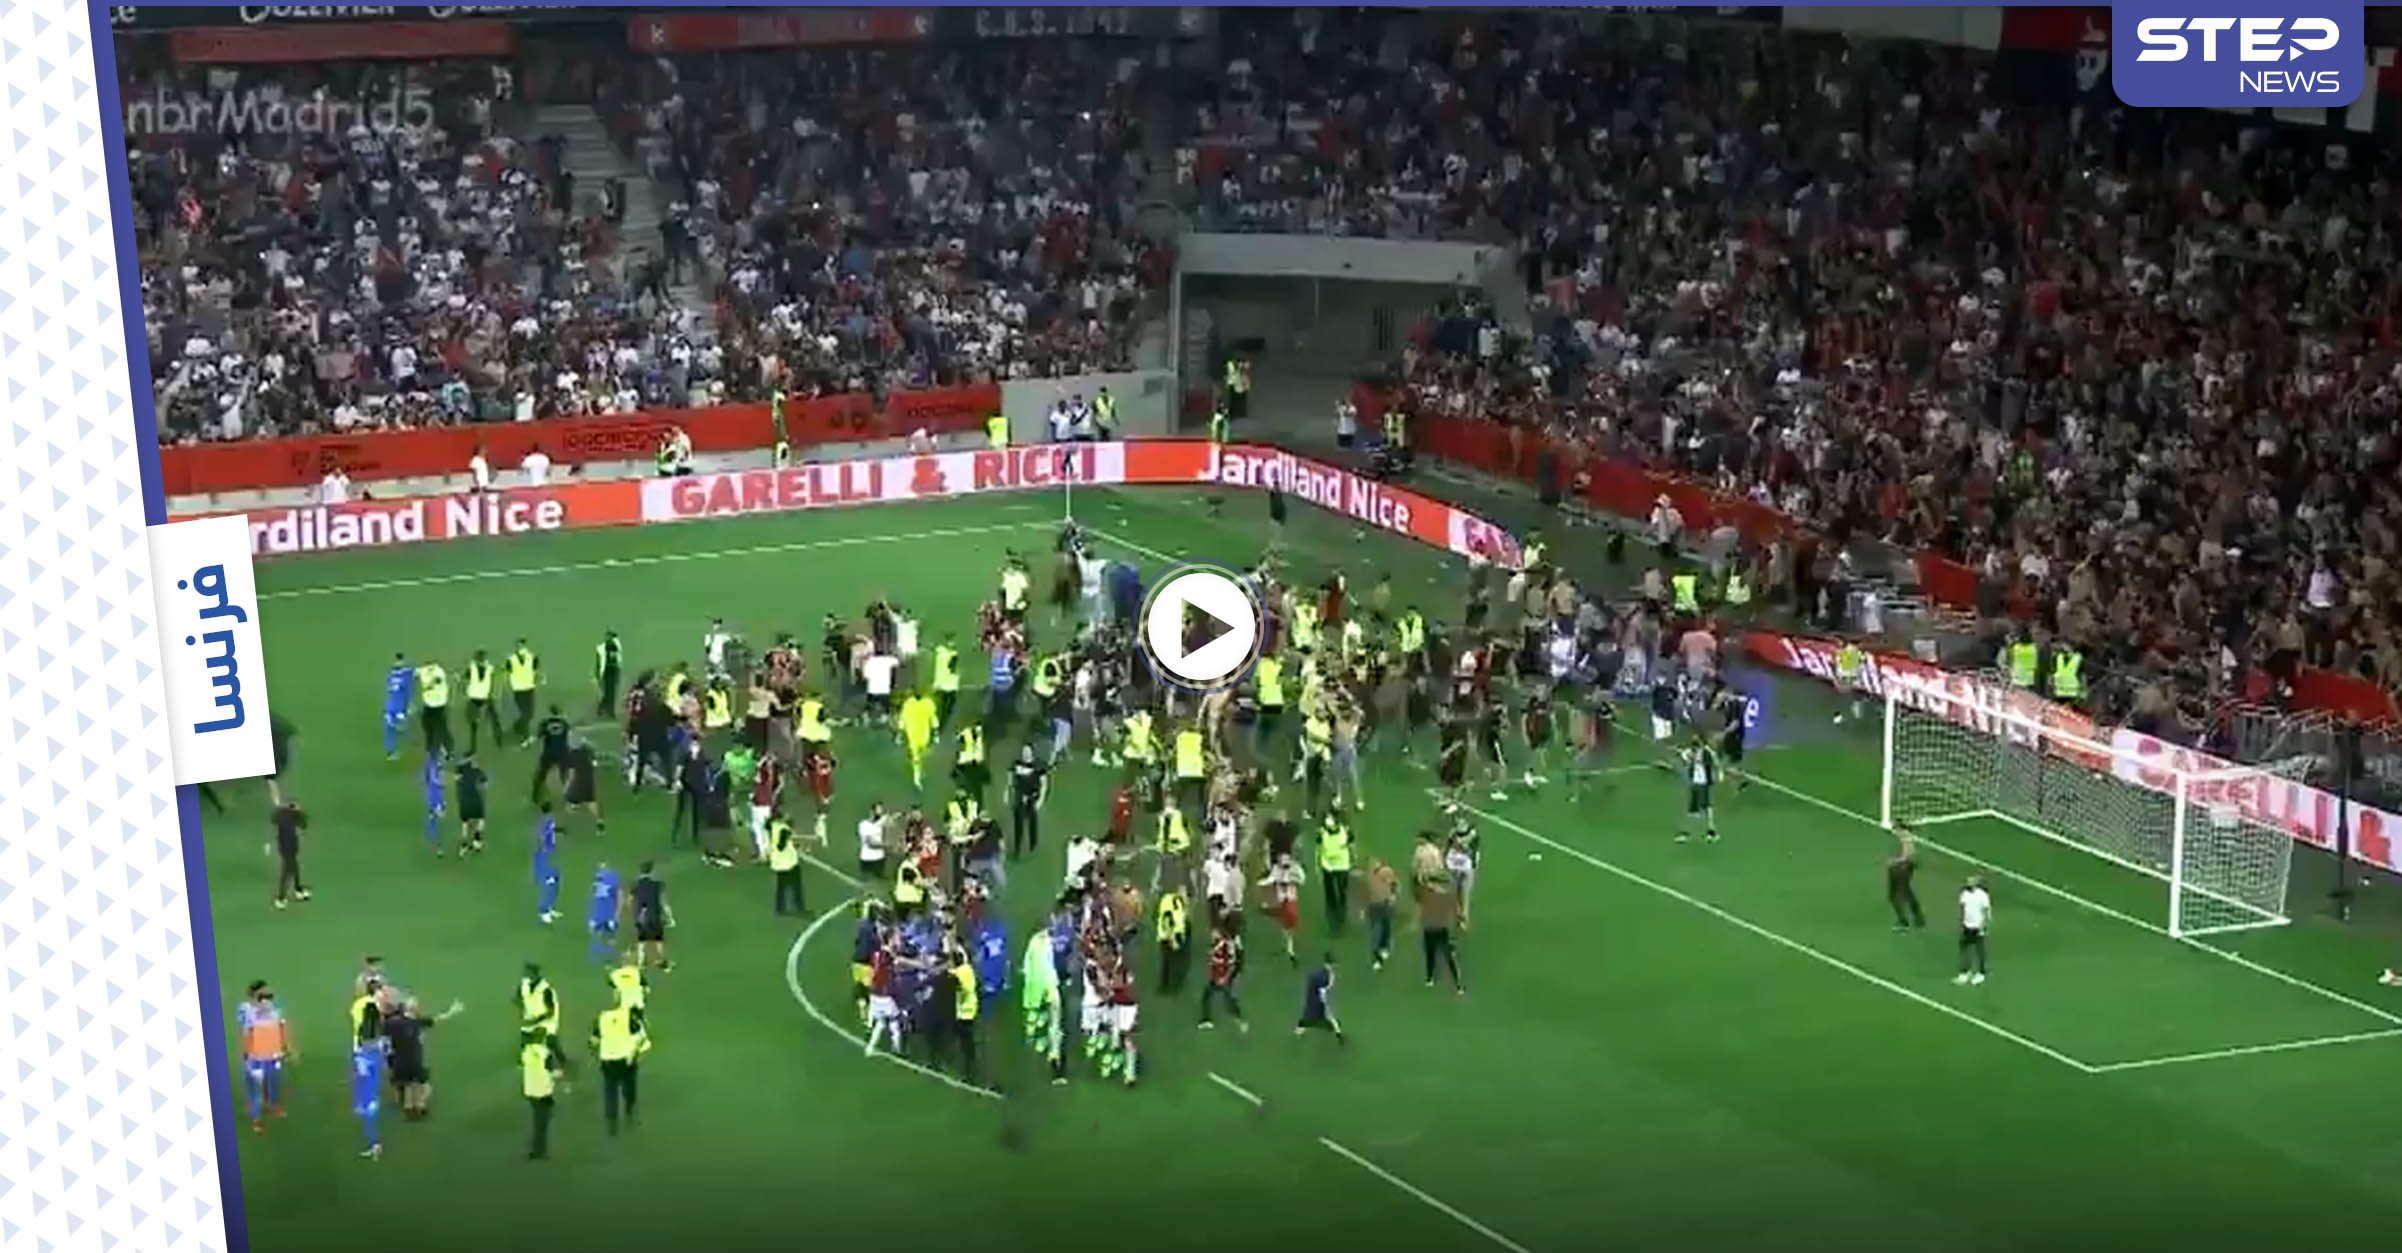 بالفيديو|| إيقاف مباراة في الدوري الفرنسي بعد اقتحام الجماهير لأرض الملعب والهجوم على اللاعبين